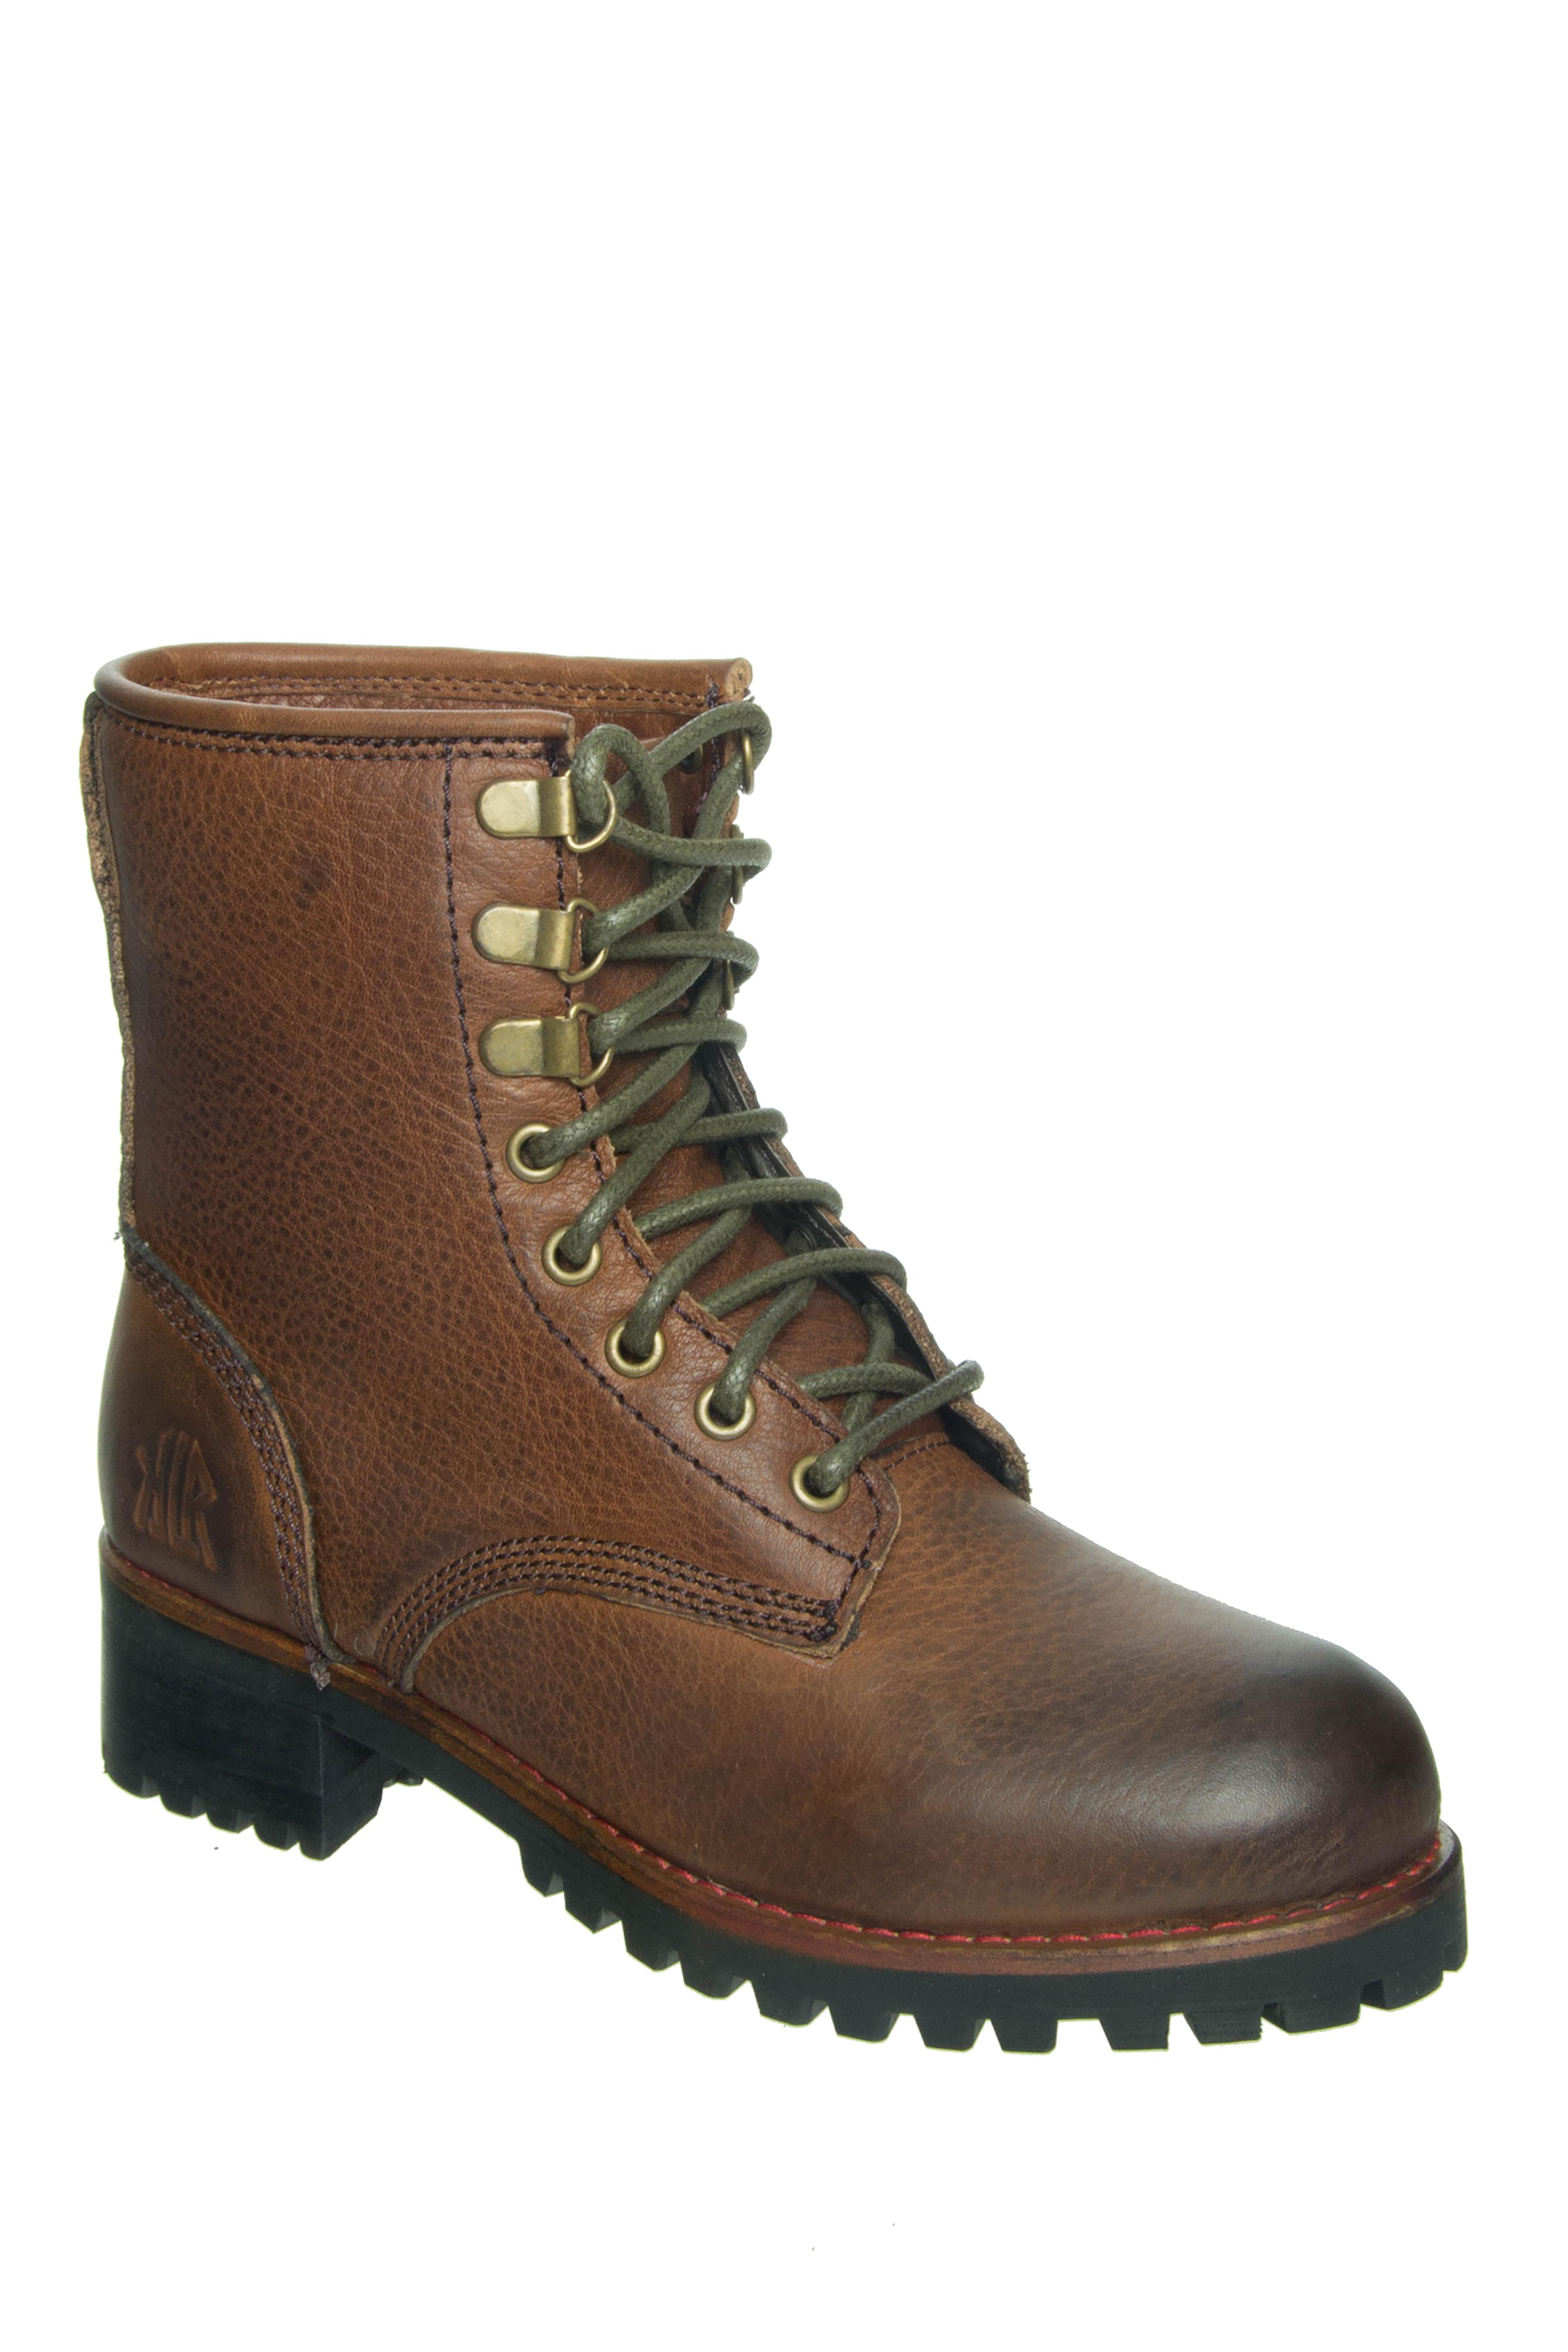 KLR Hails Low Heel Boots - Brown